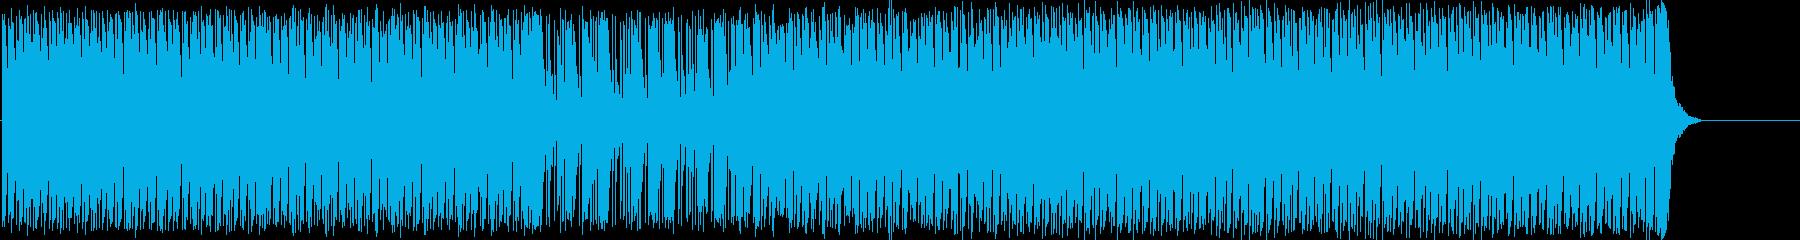 淡々と、かつ力強く歩みを進めるロックの再生済みの波形